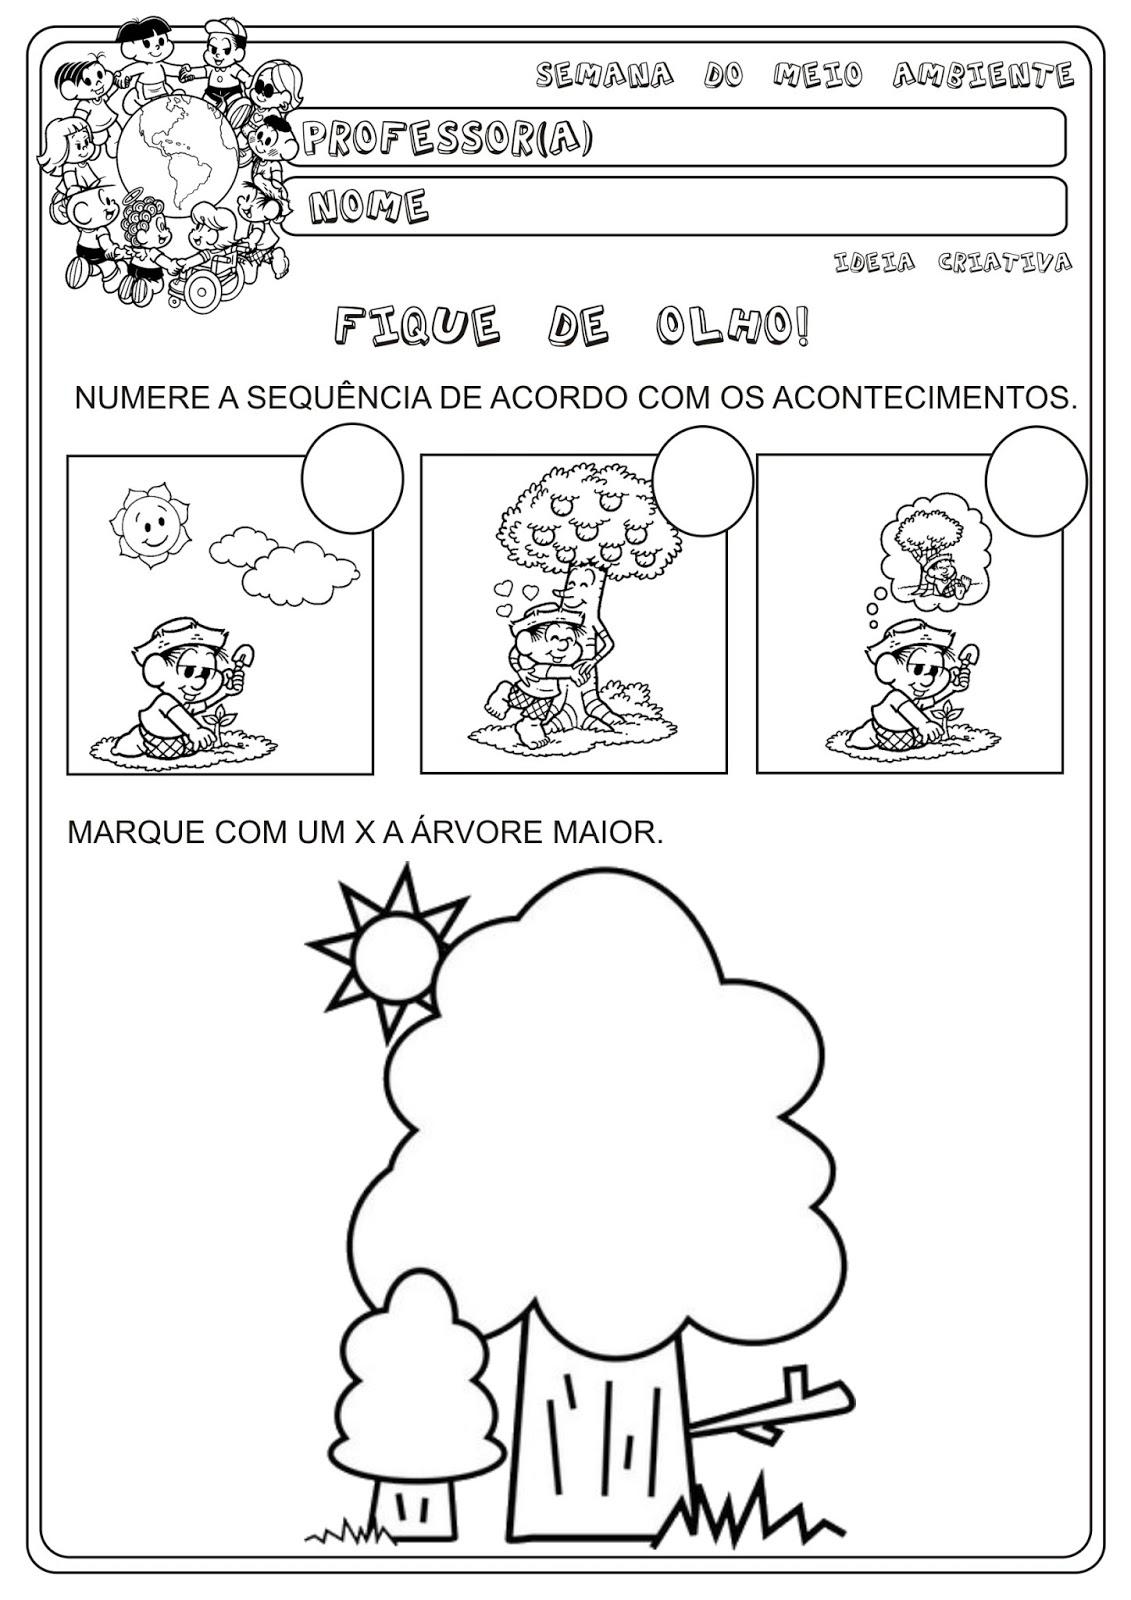 Excepcional Atividade Meio Ambiente Sequência | Ideia Criativa - Gi Barbosa  KY93